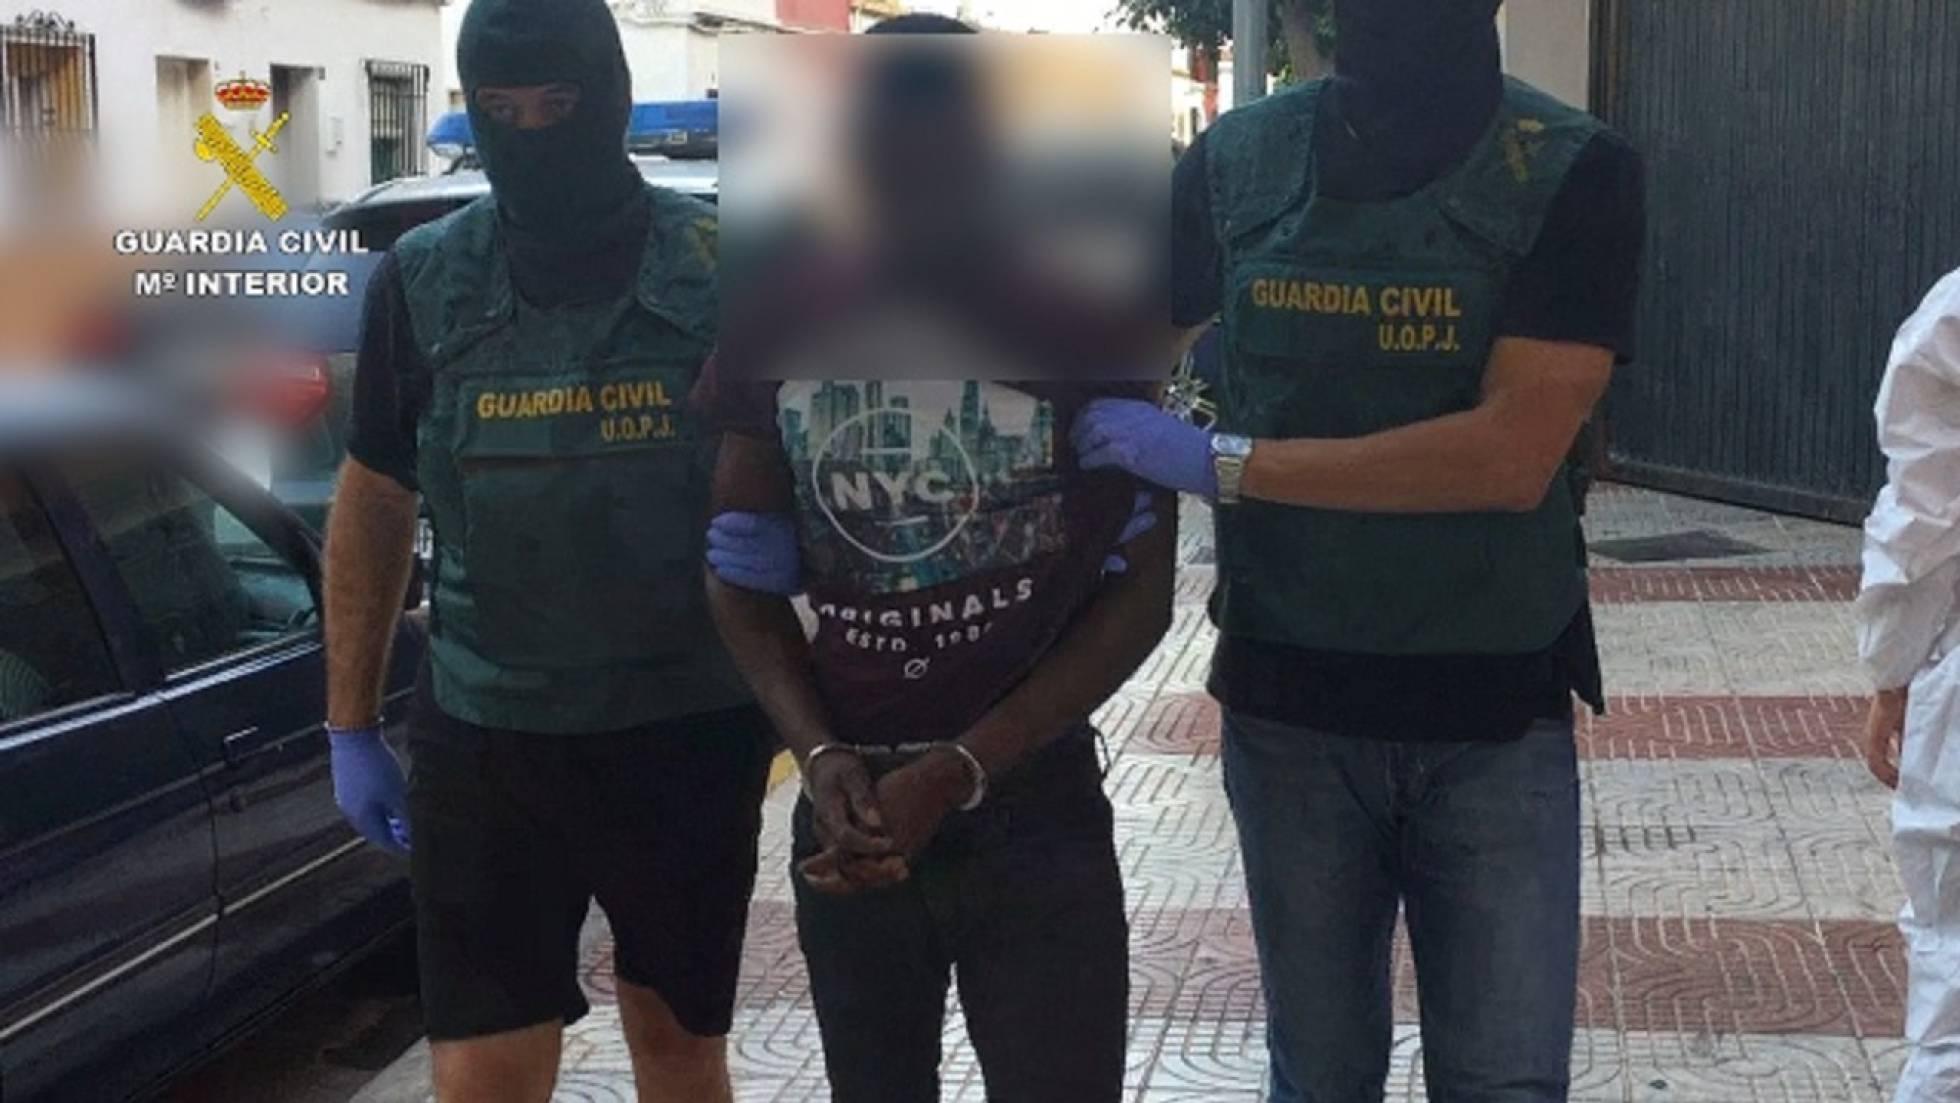 El presunto asesino tras ser detenido en el aeropuerto de Madrid-Barajas. GUARDIA CIVIL.